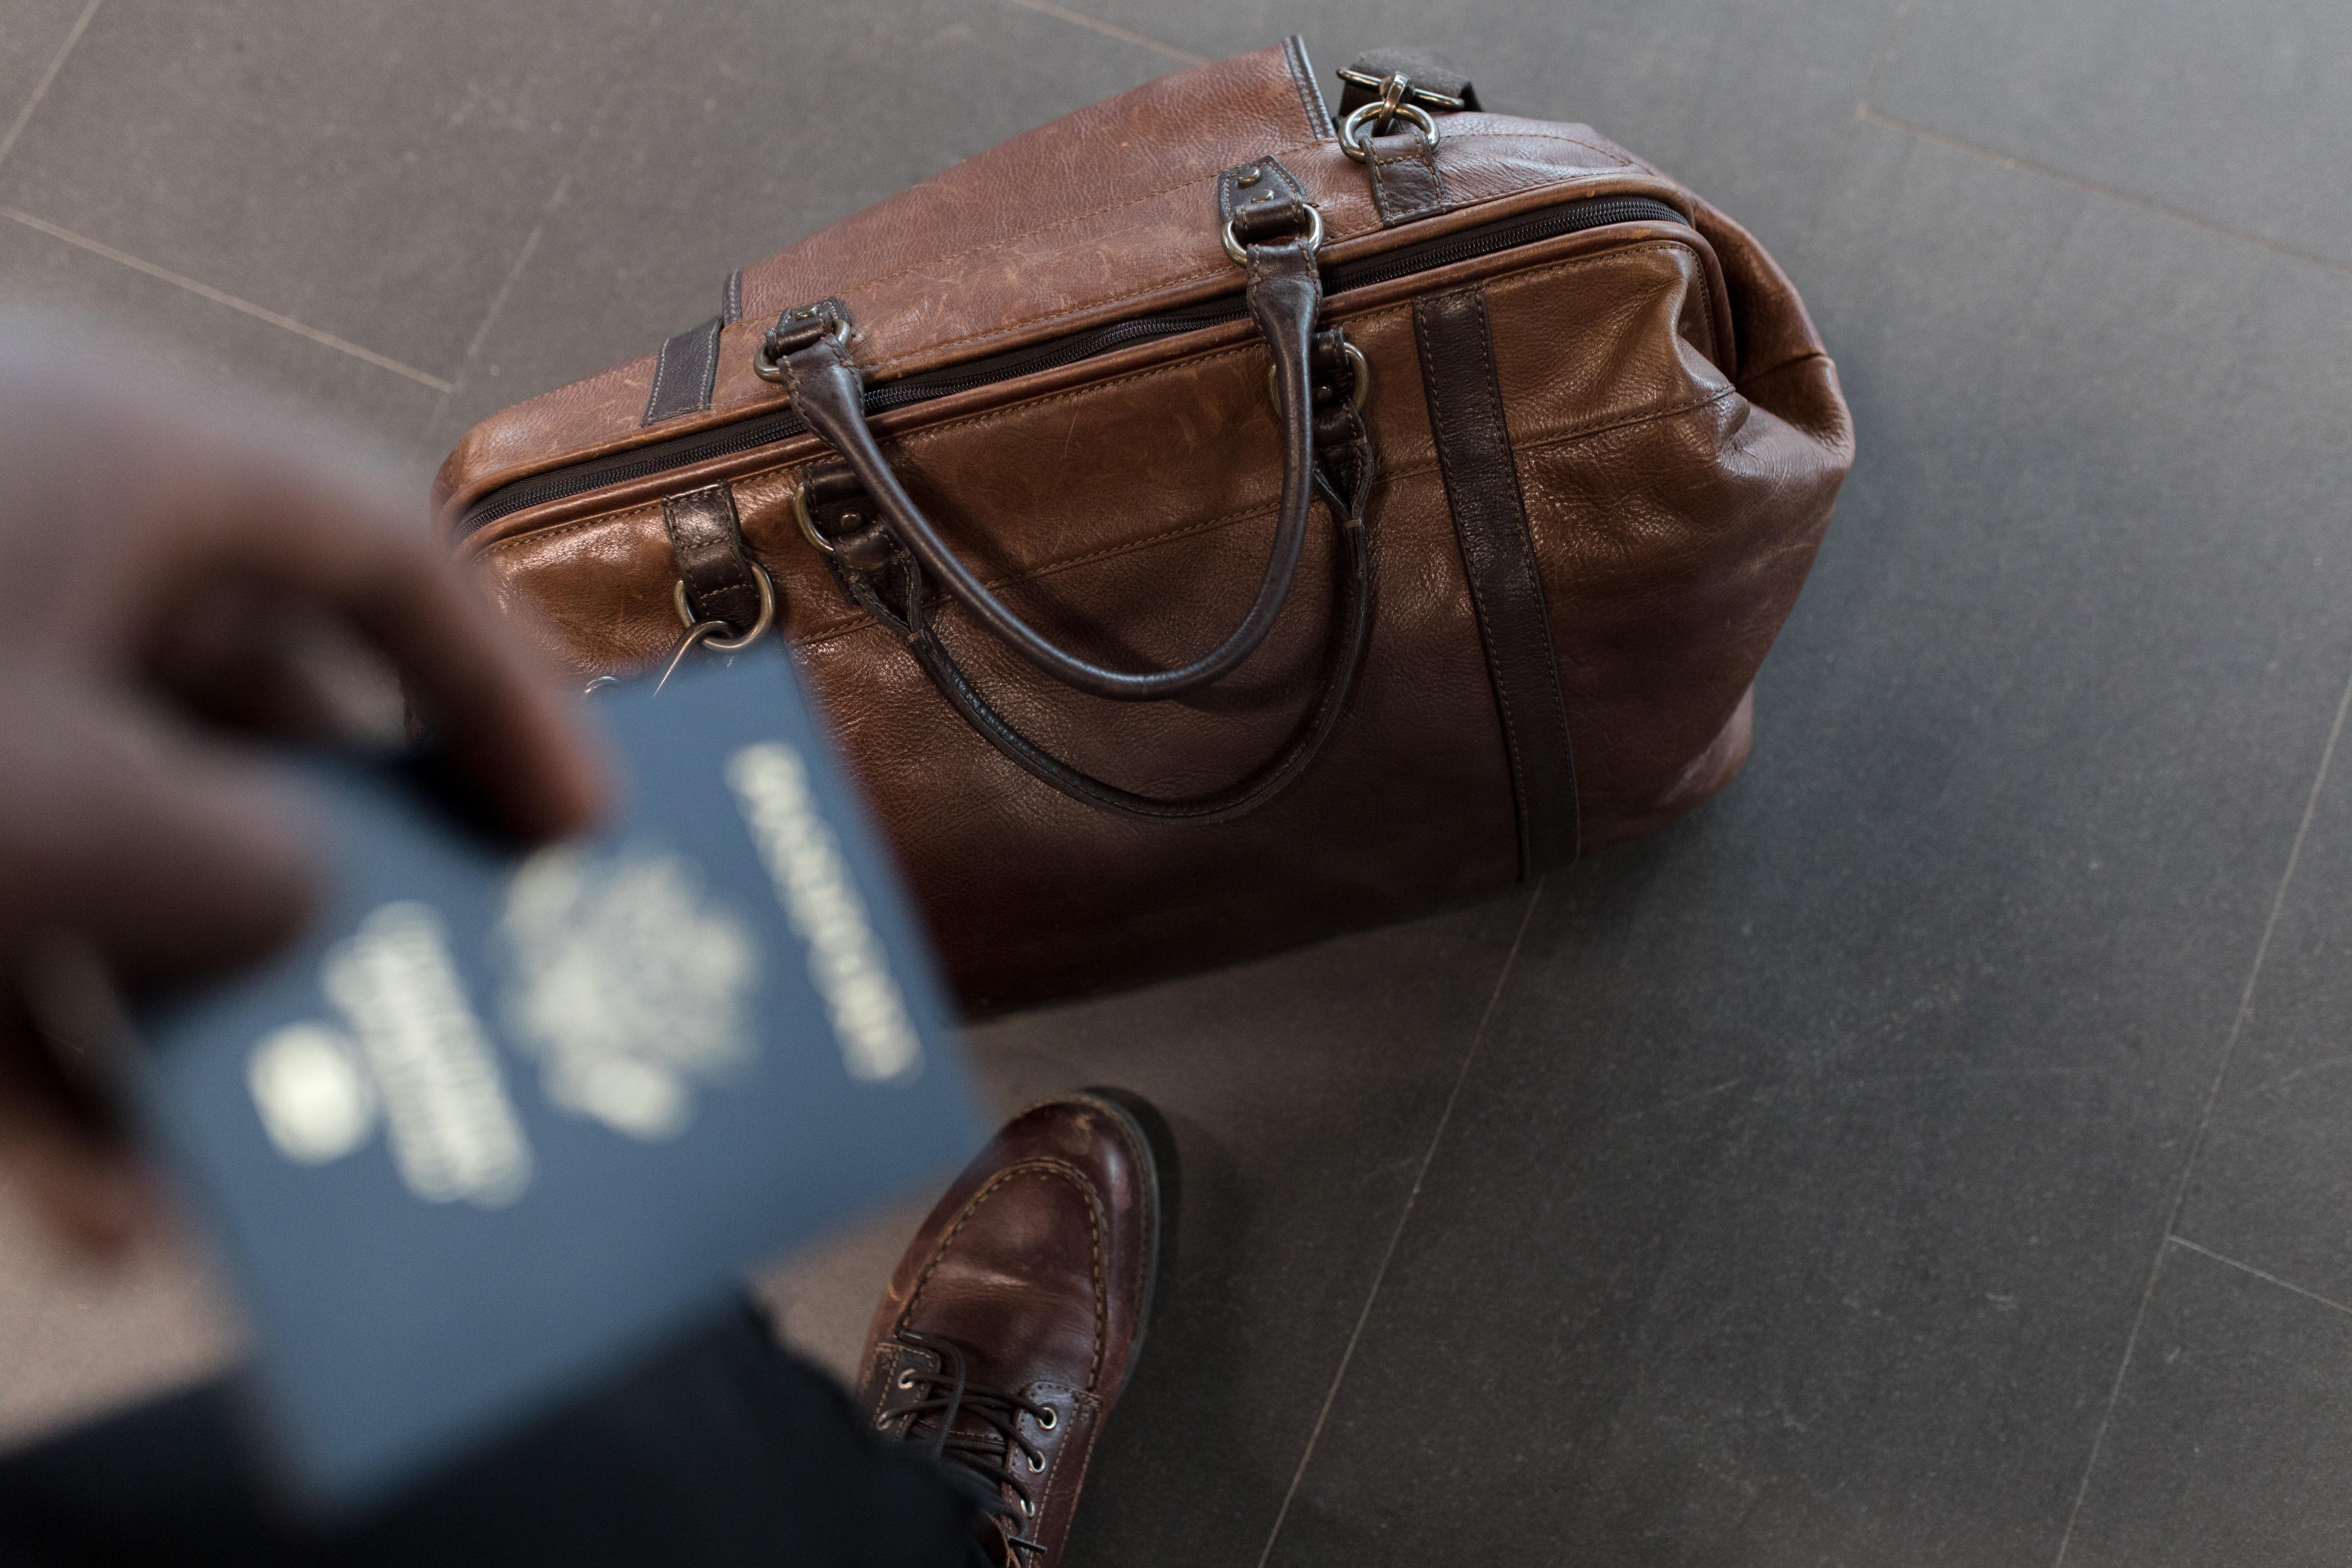 Viajes entre Canadá y Países Bajos sin pasaporte